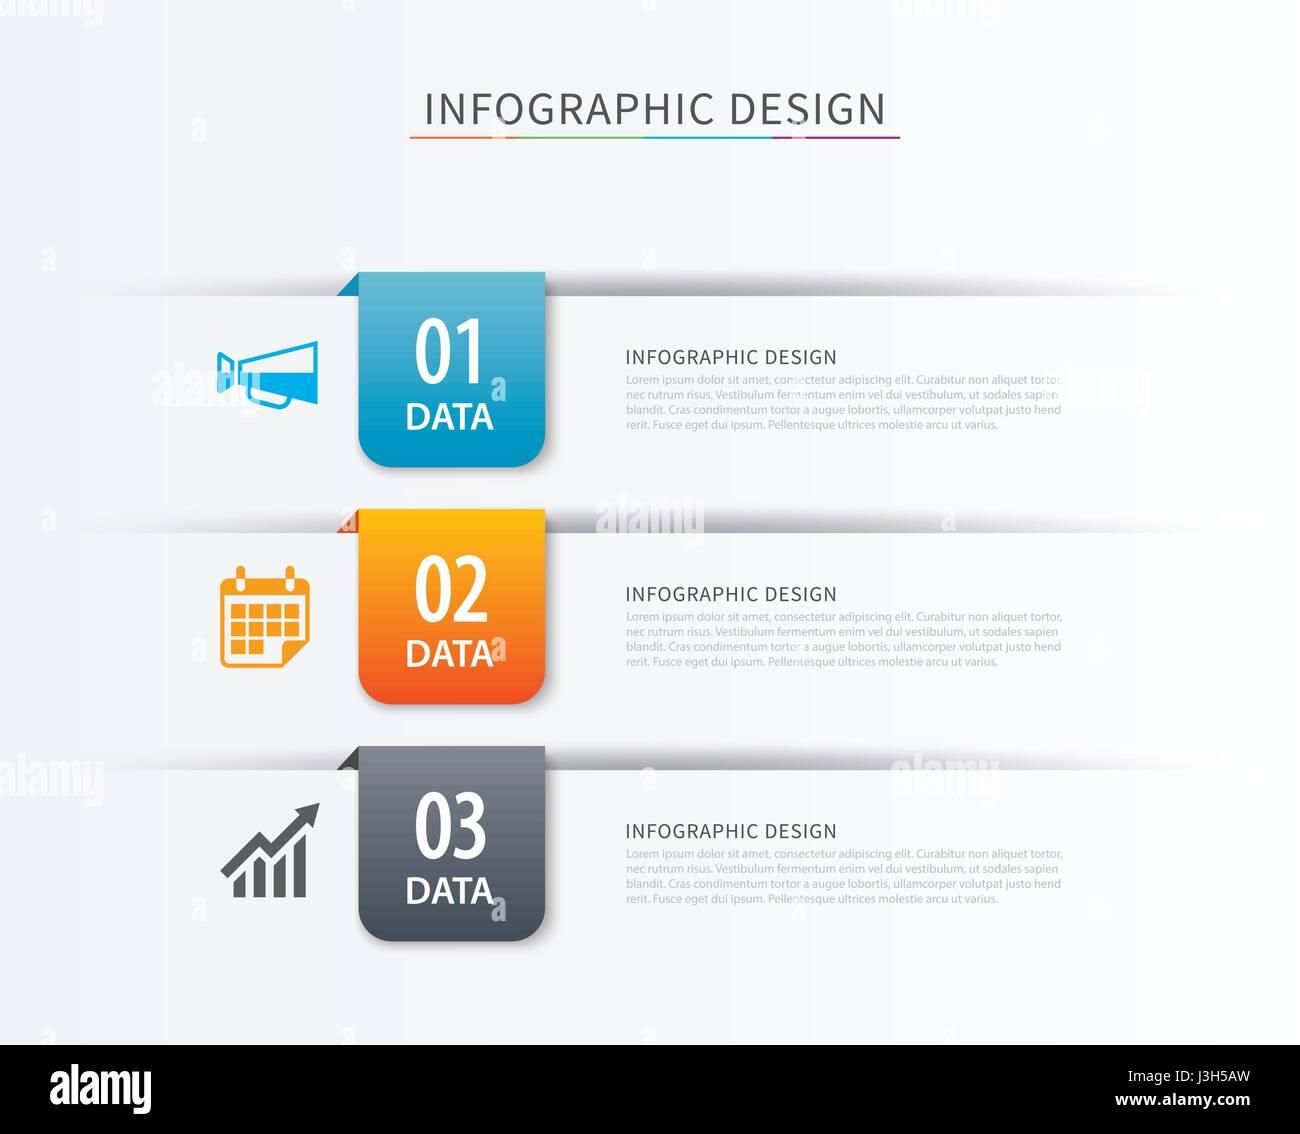 Index Vector Vectors Imágenes De Stock & Index Vector Vectors Fotos ...